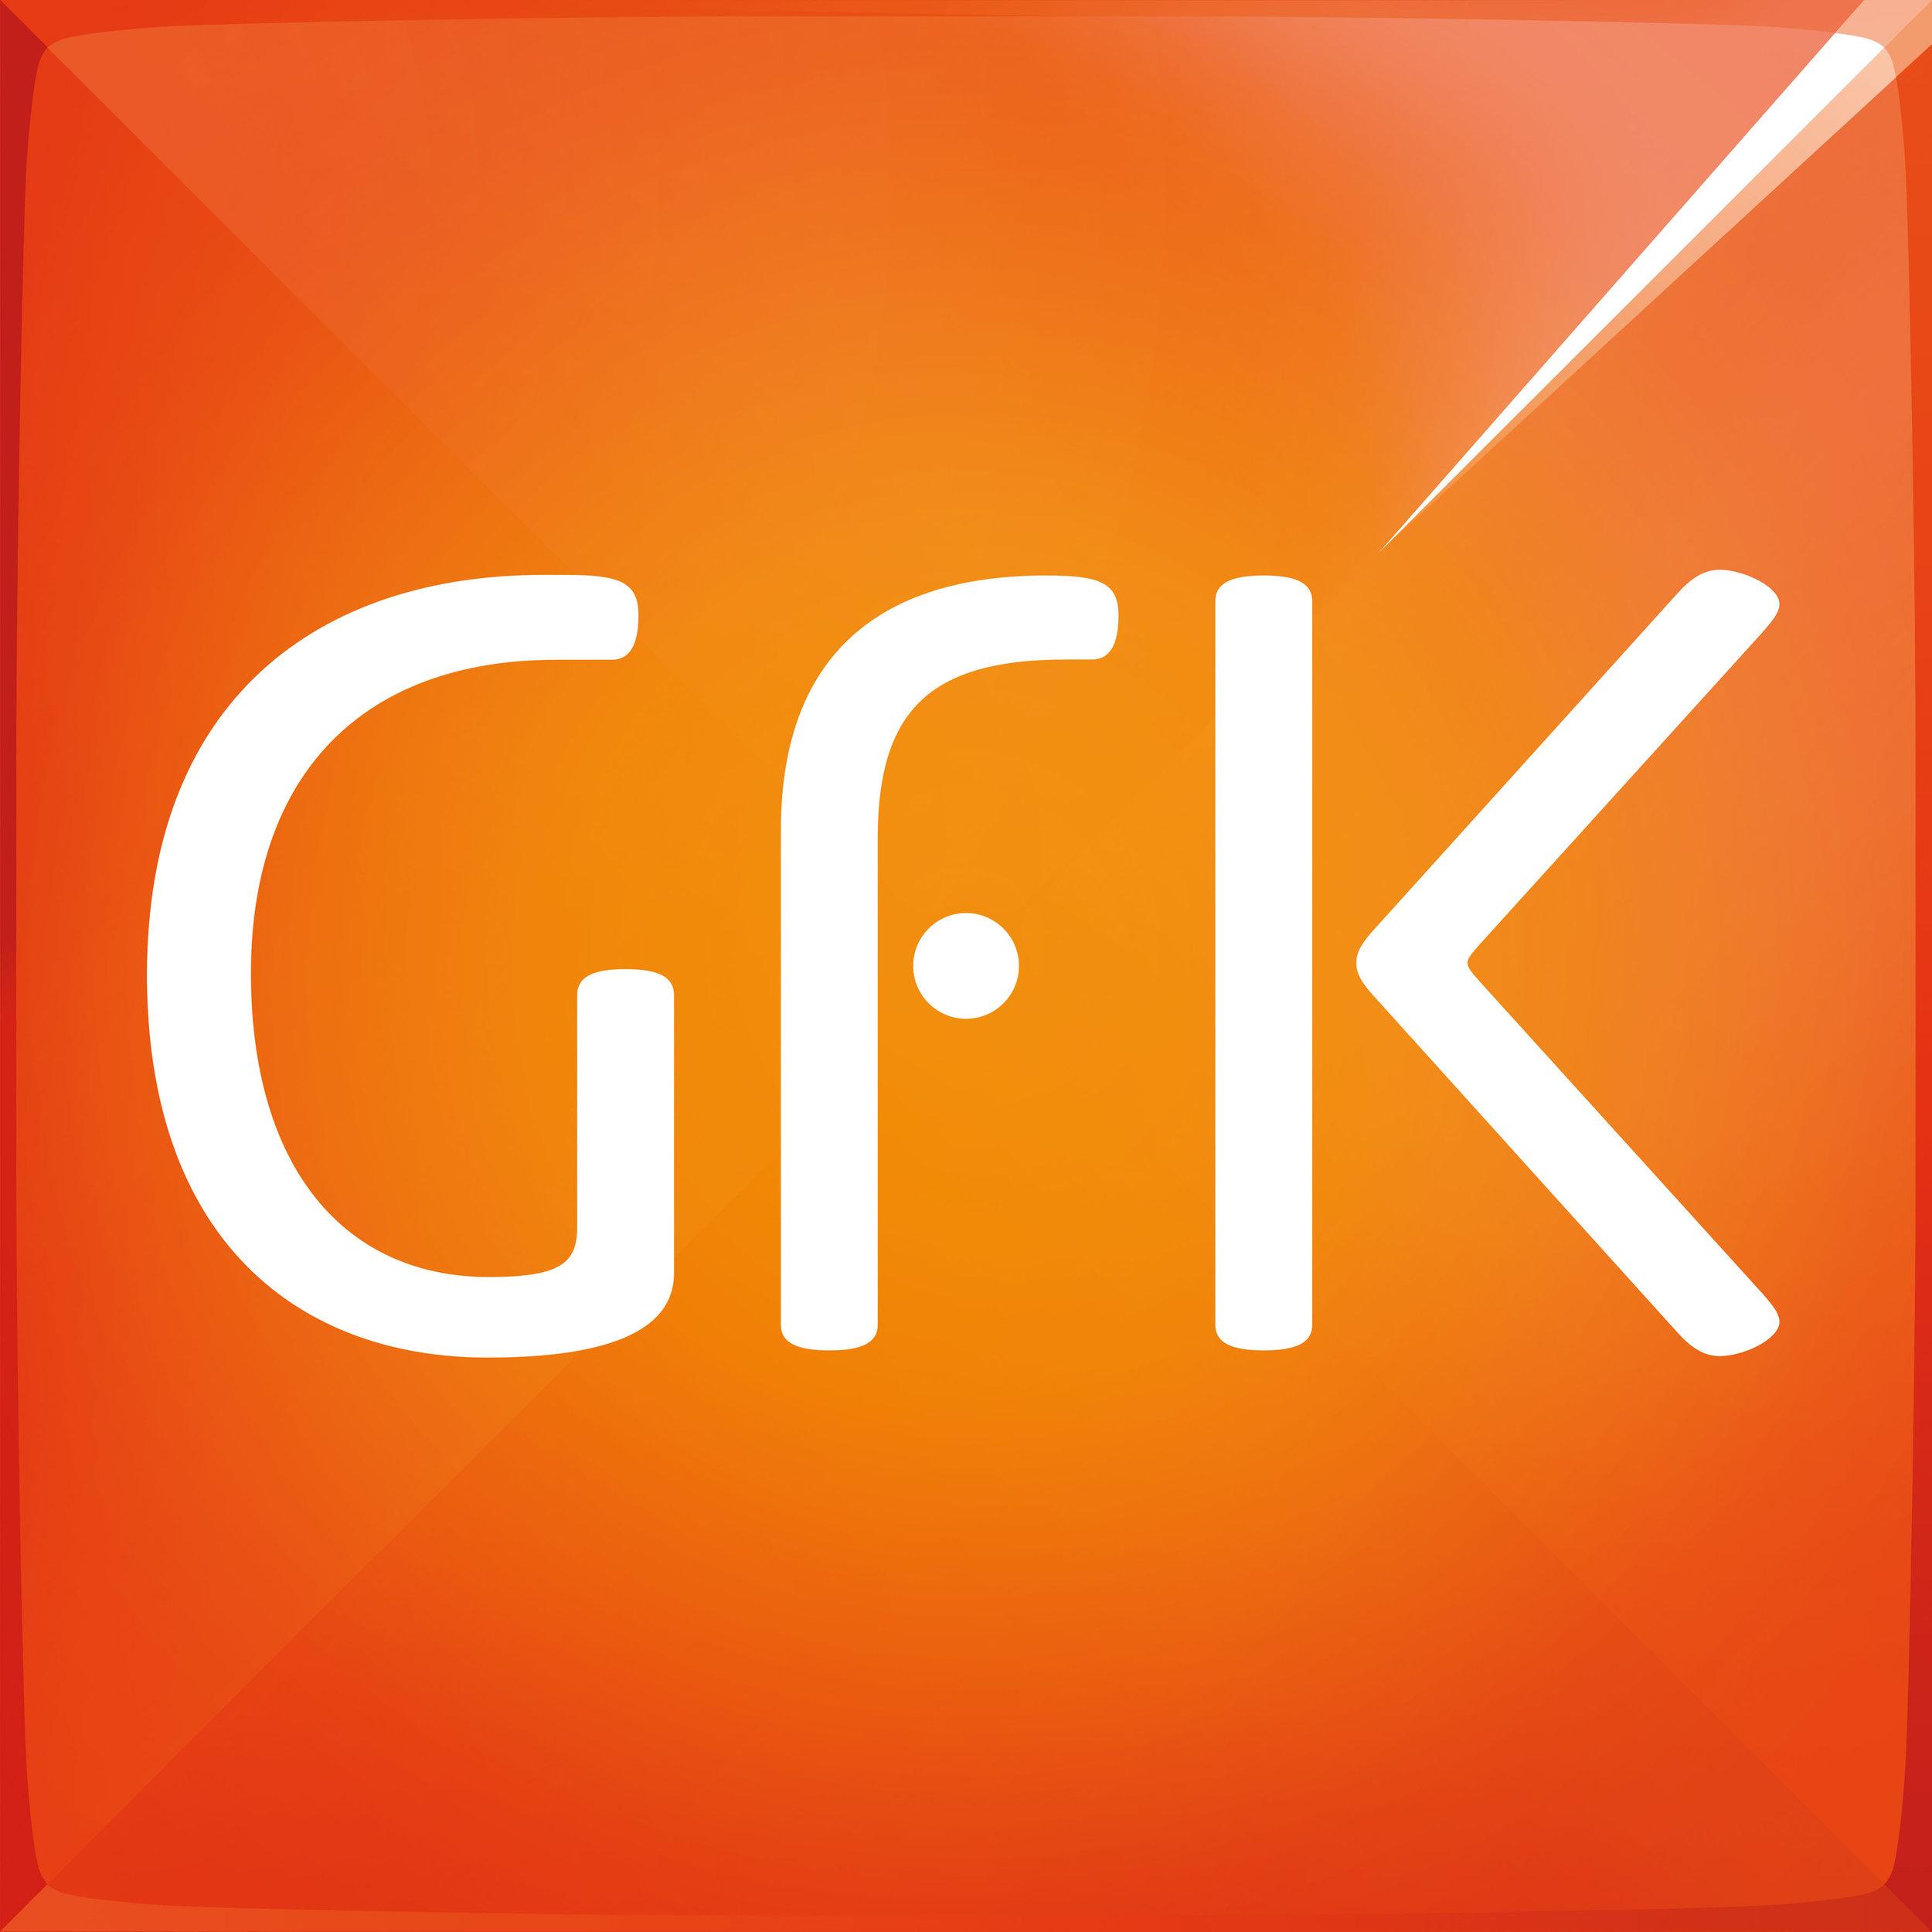 GfK_logo_RGB_med.jpg